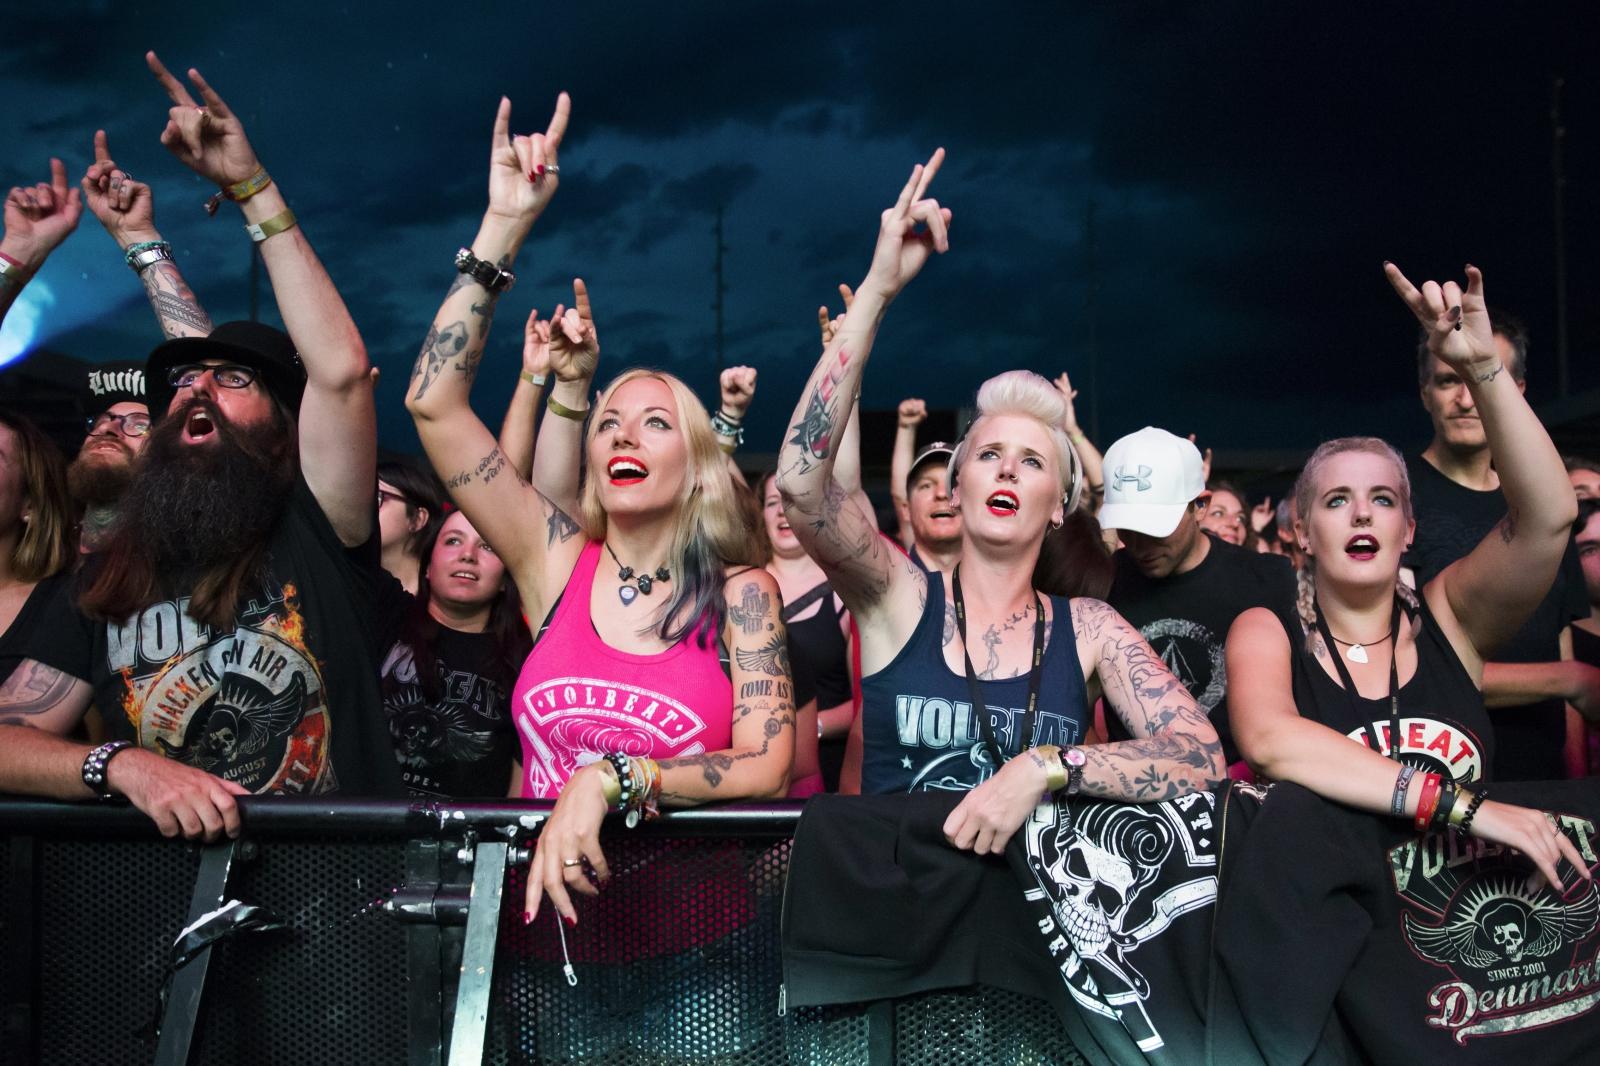 Koncert rockowy w Thun, Szwajcaria